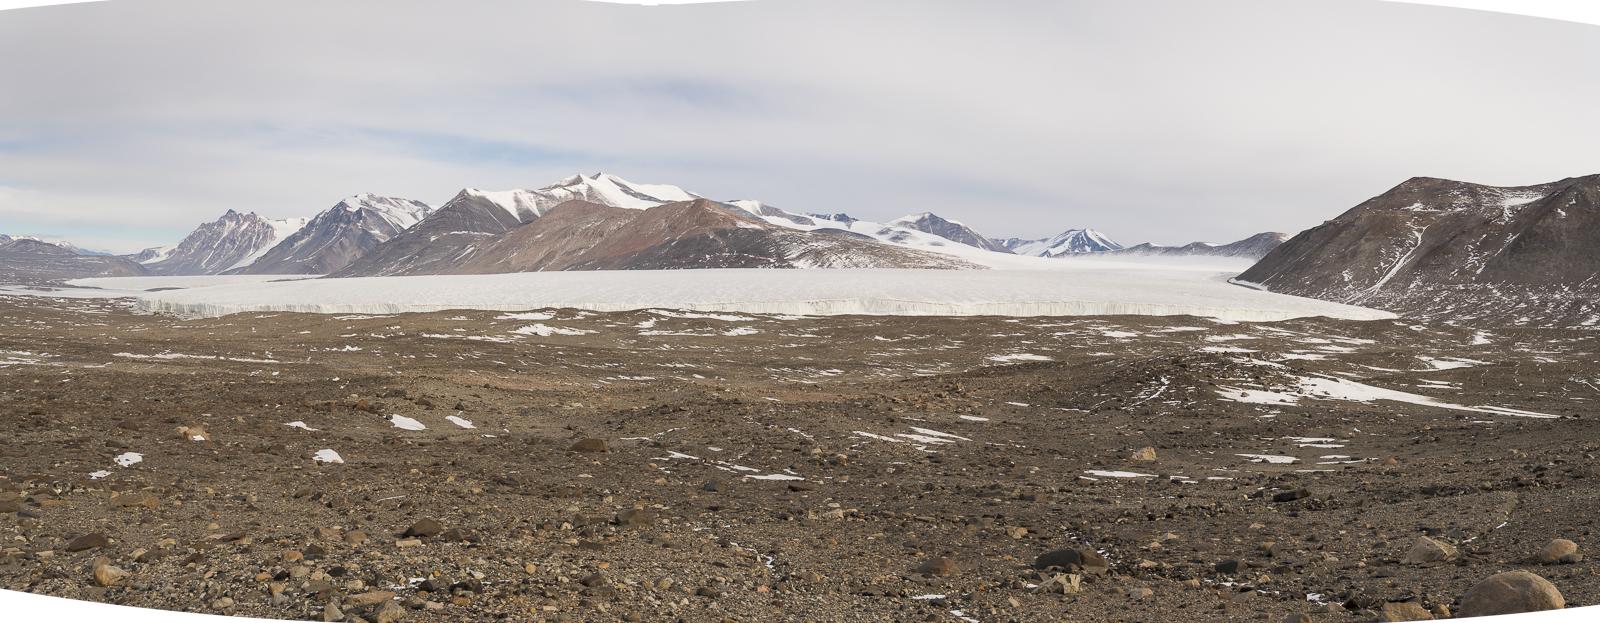 The massive Commonwealth Glacier.